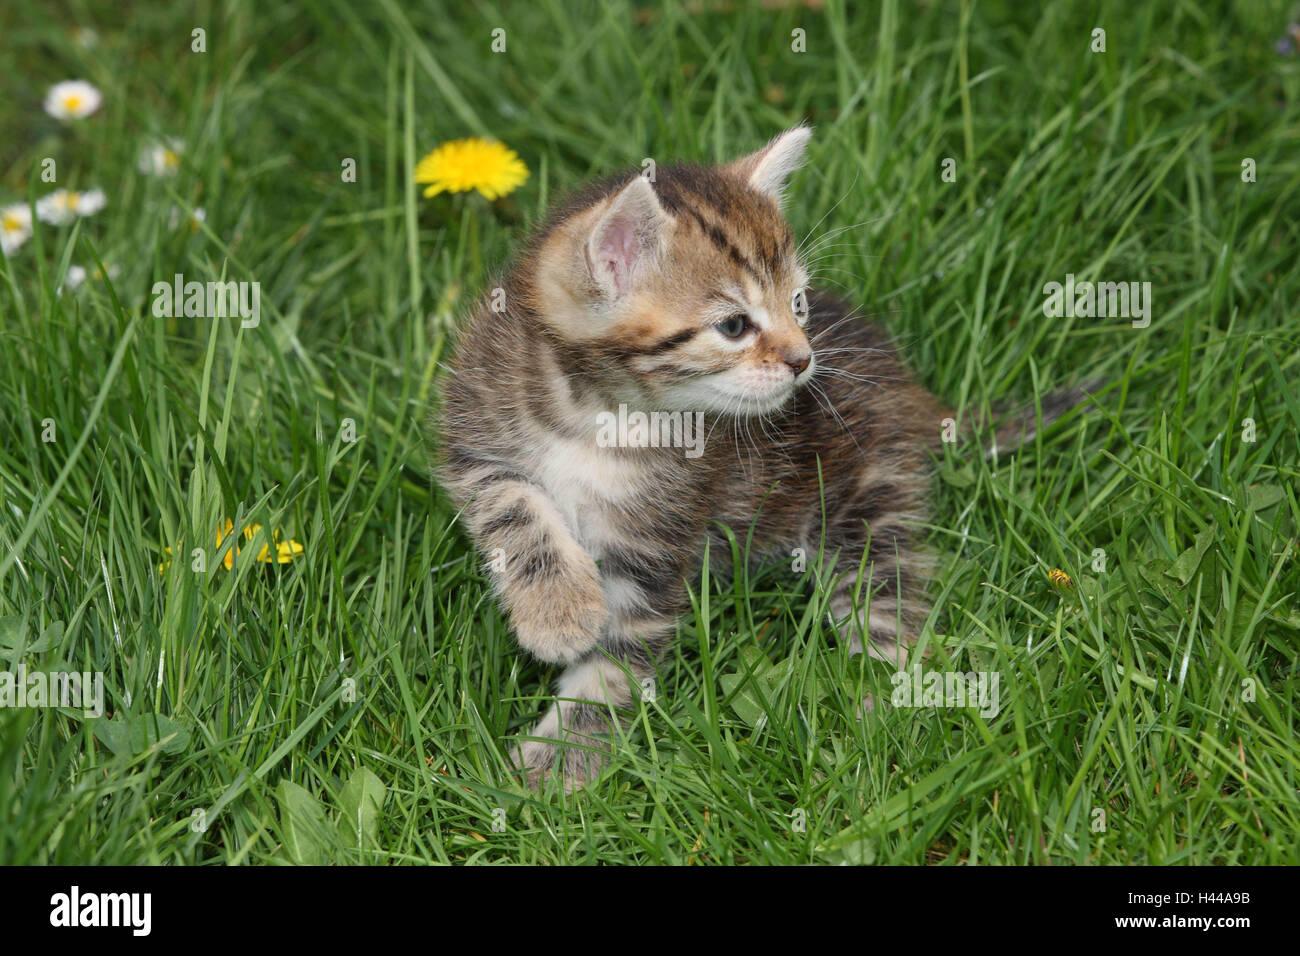 Chat, jeune, run, pré, jardin, animaux, mammifères, animaux domestiques, petits chats, félidés, Photo Stock